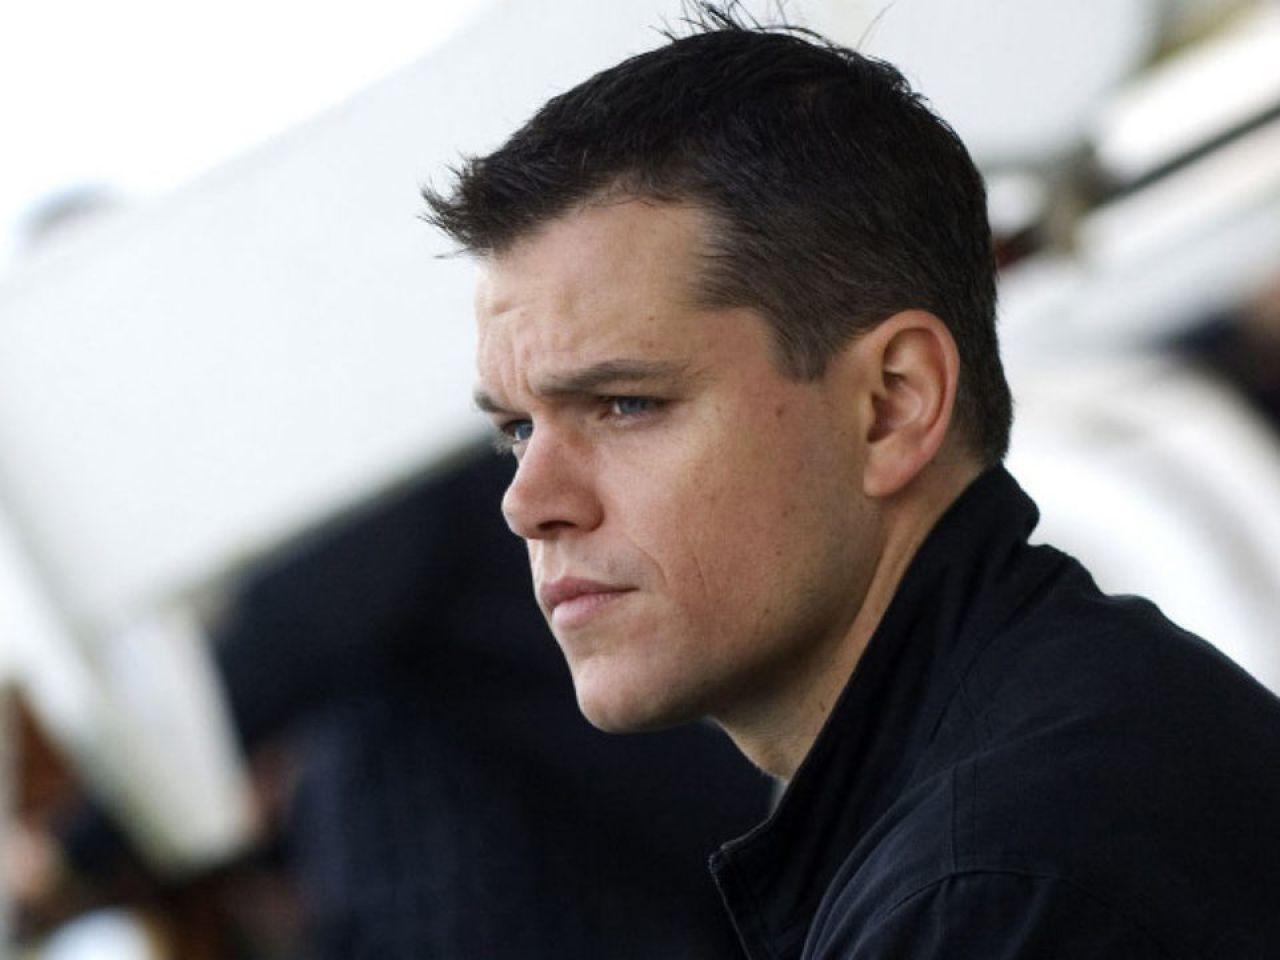 Matt Damon, compie 50 anni l'agente segreto più famoso del cinema 1